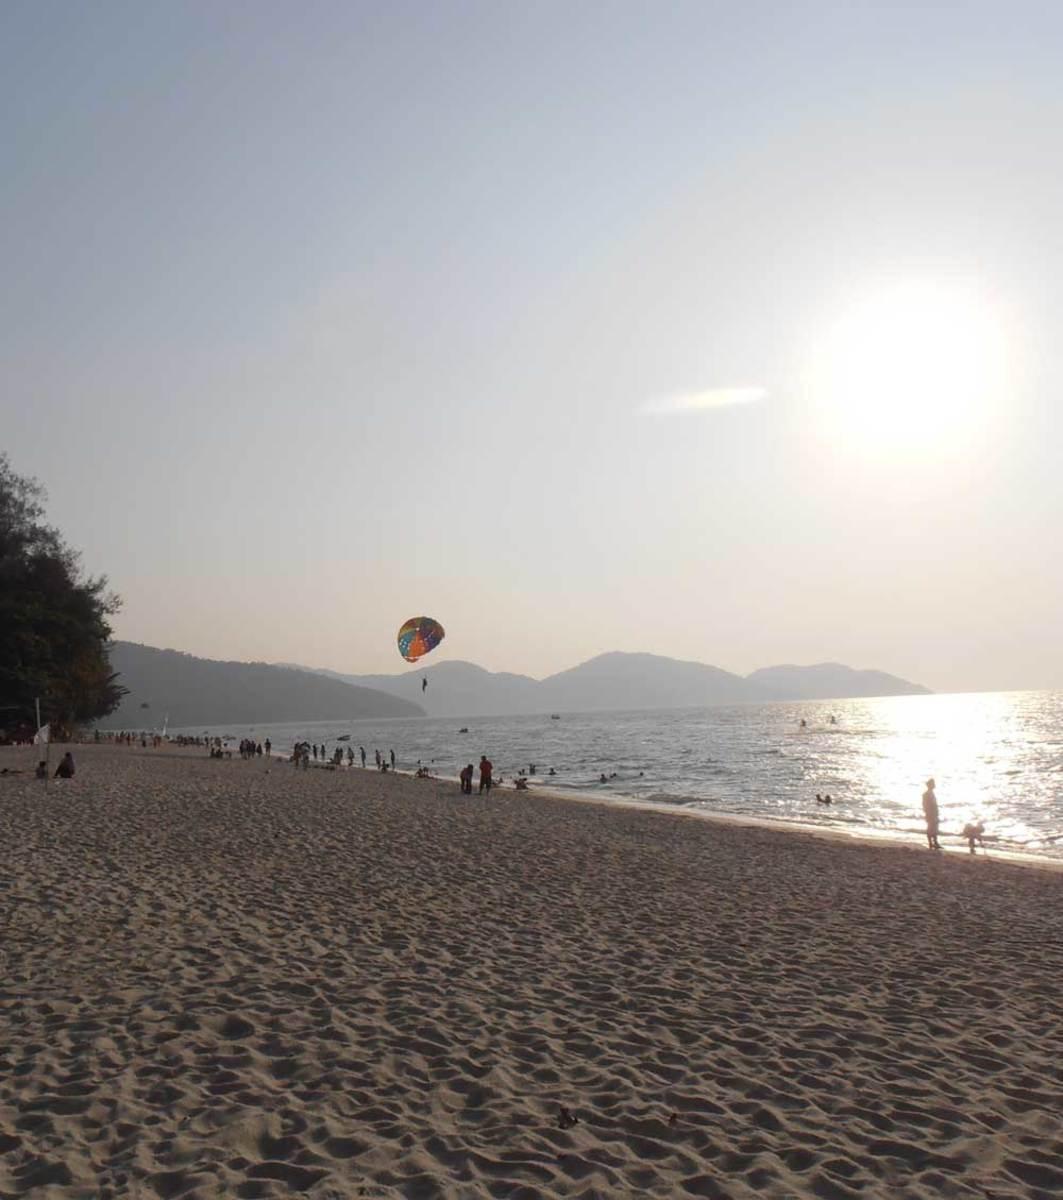 Penang's Batu Ferringghi Beach